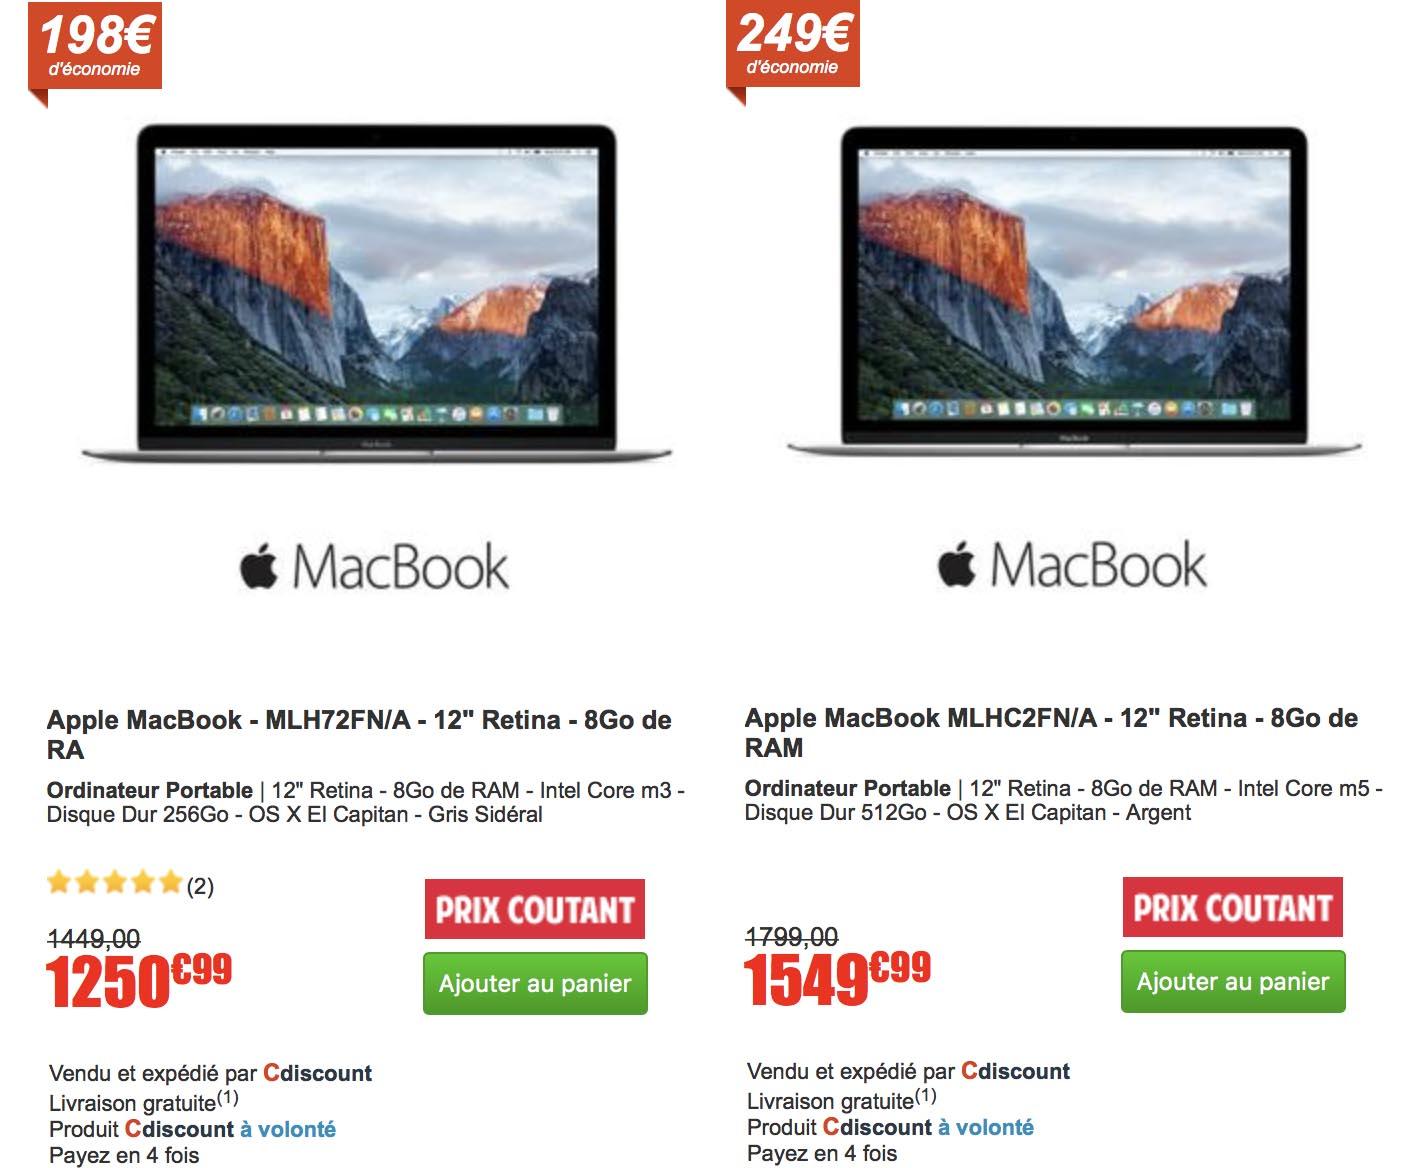 MacBook 12 promo CDiscount